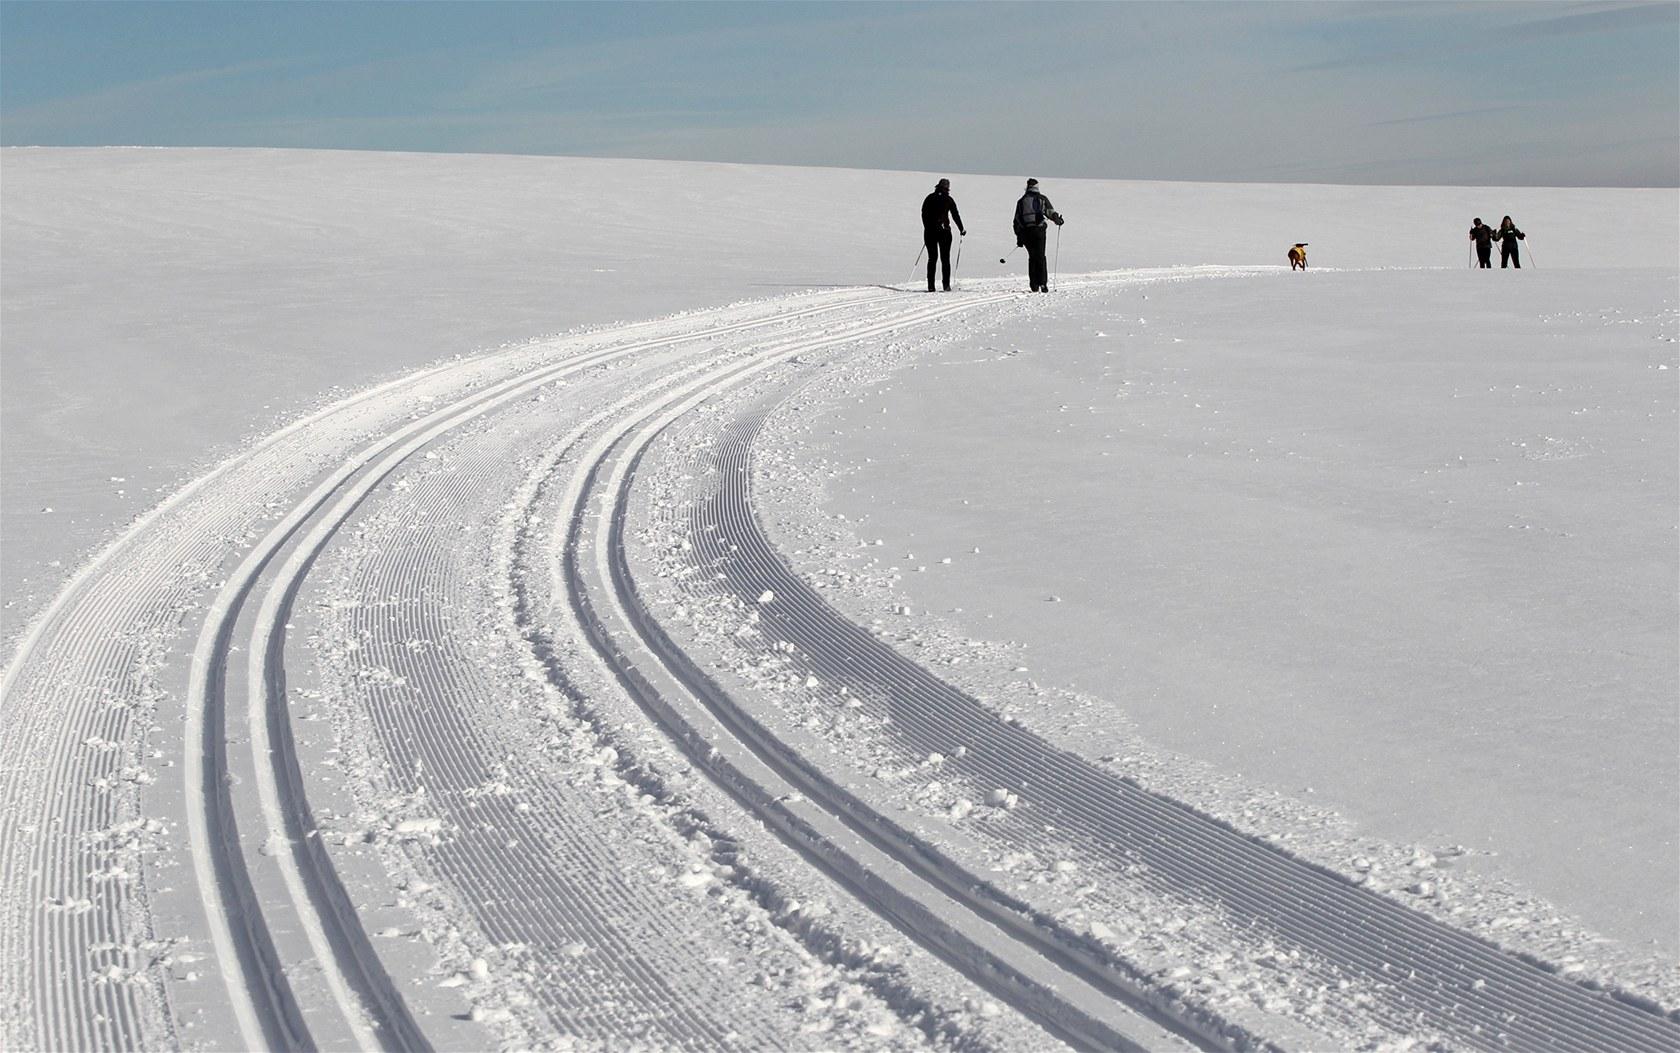 Běžecké stopy Tři Studně. Novoměstský okruh nabízí klasický zimní výlet na běžkách.